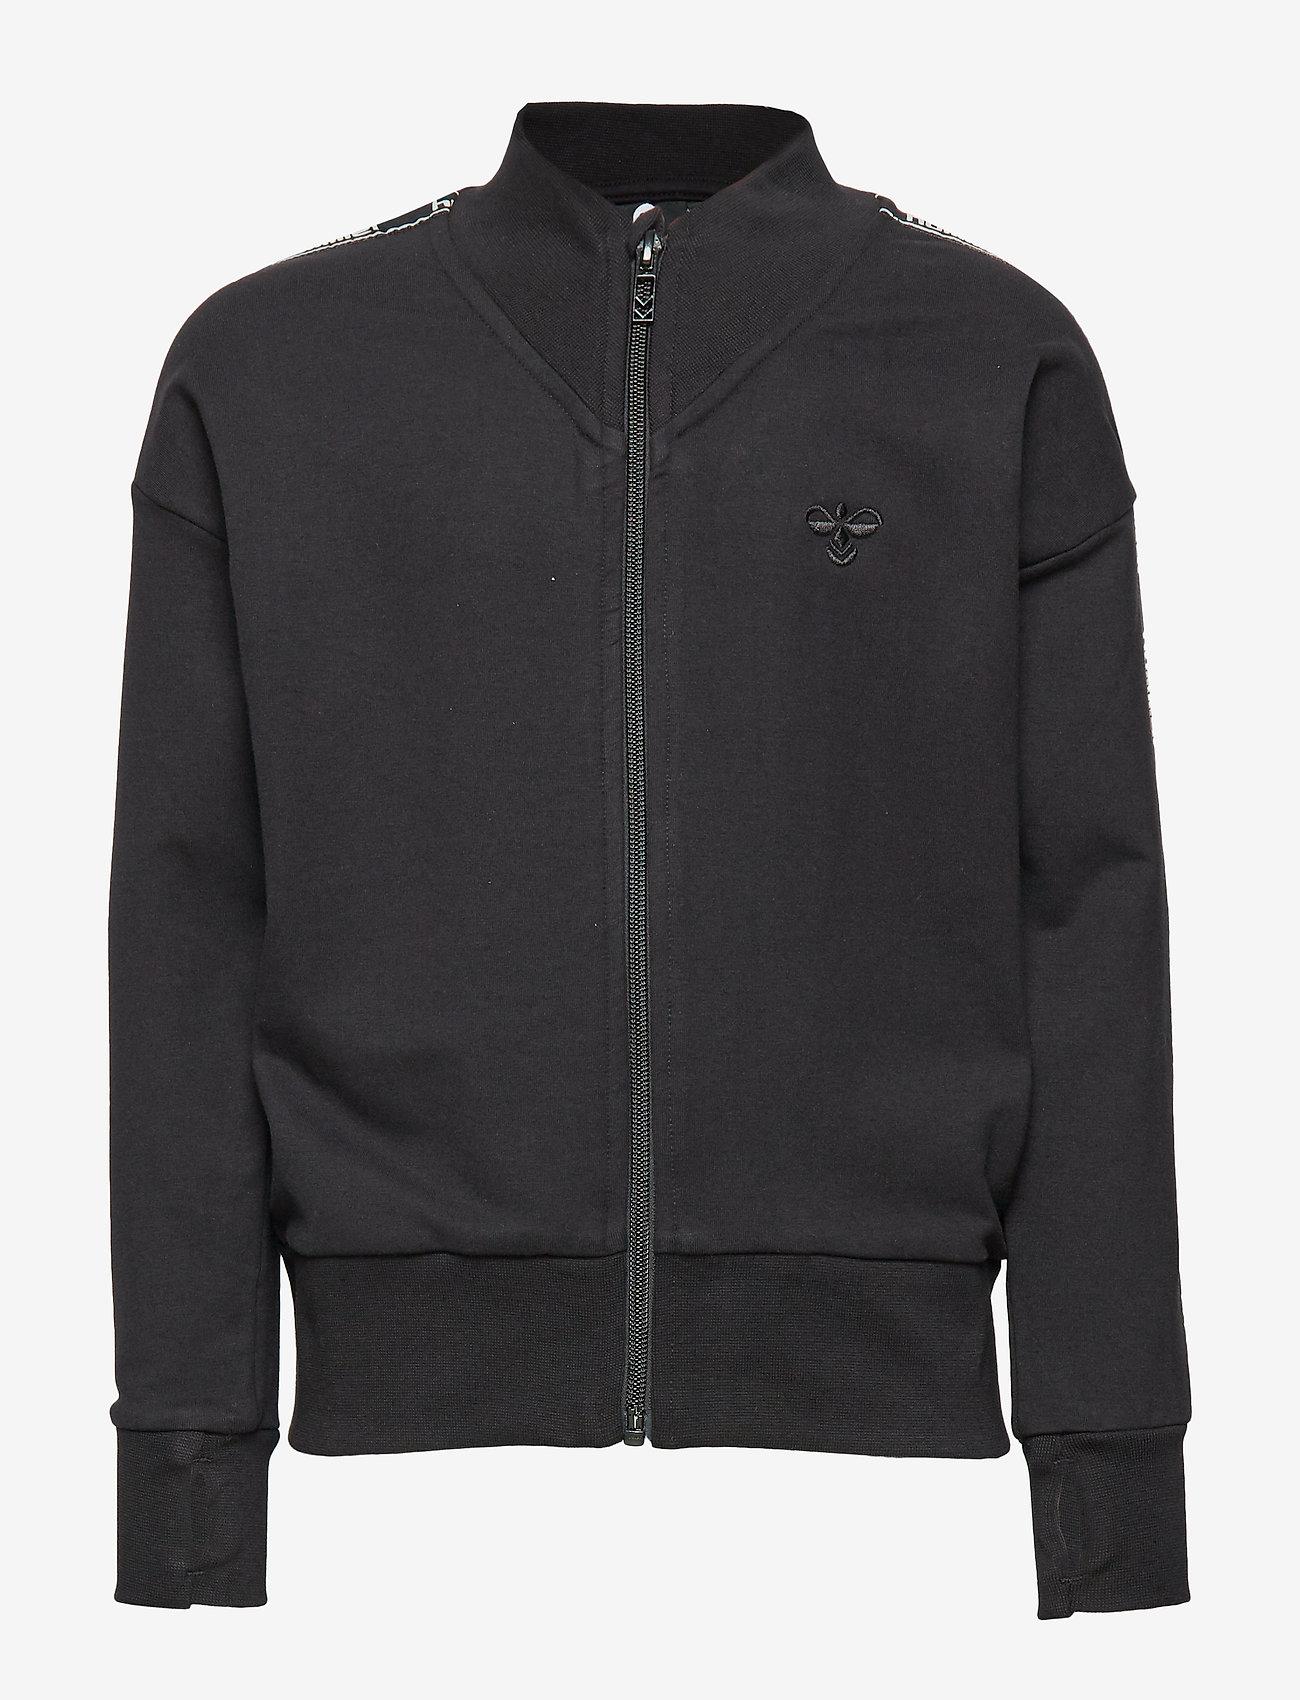 Hummel - hmlGRO ZIP JACKET - sweats - black